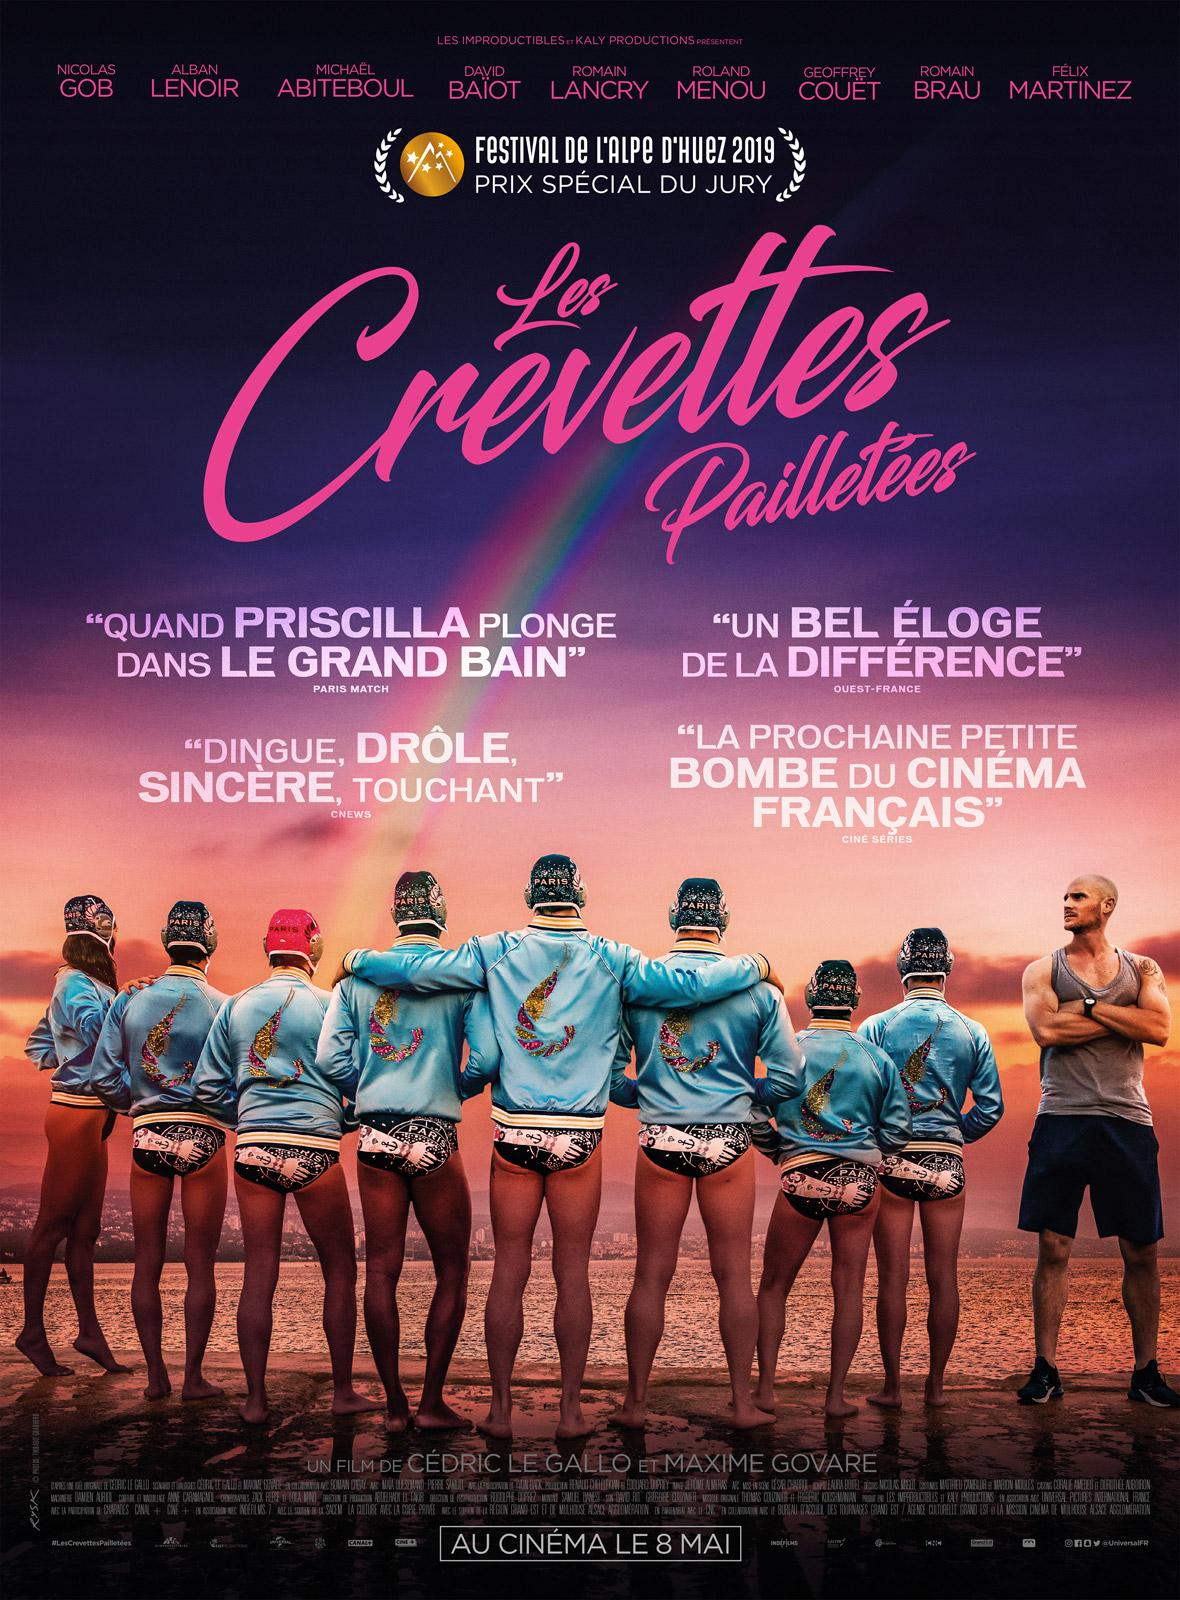 LES CREVETTES PAILLETEES